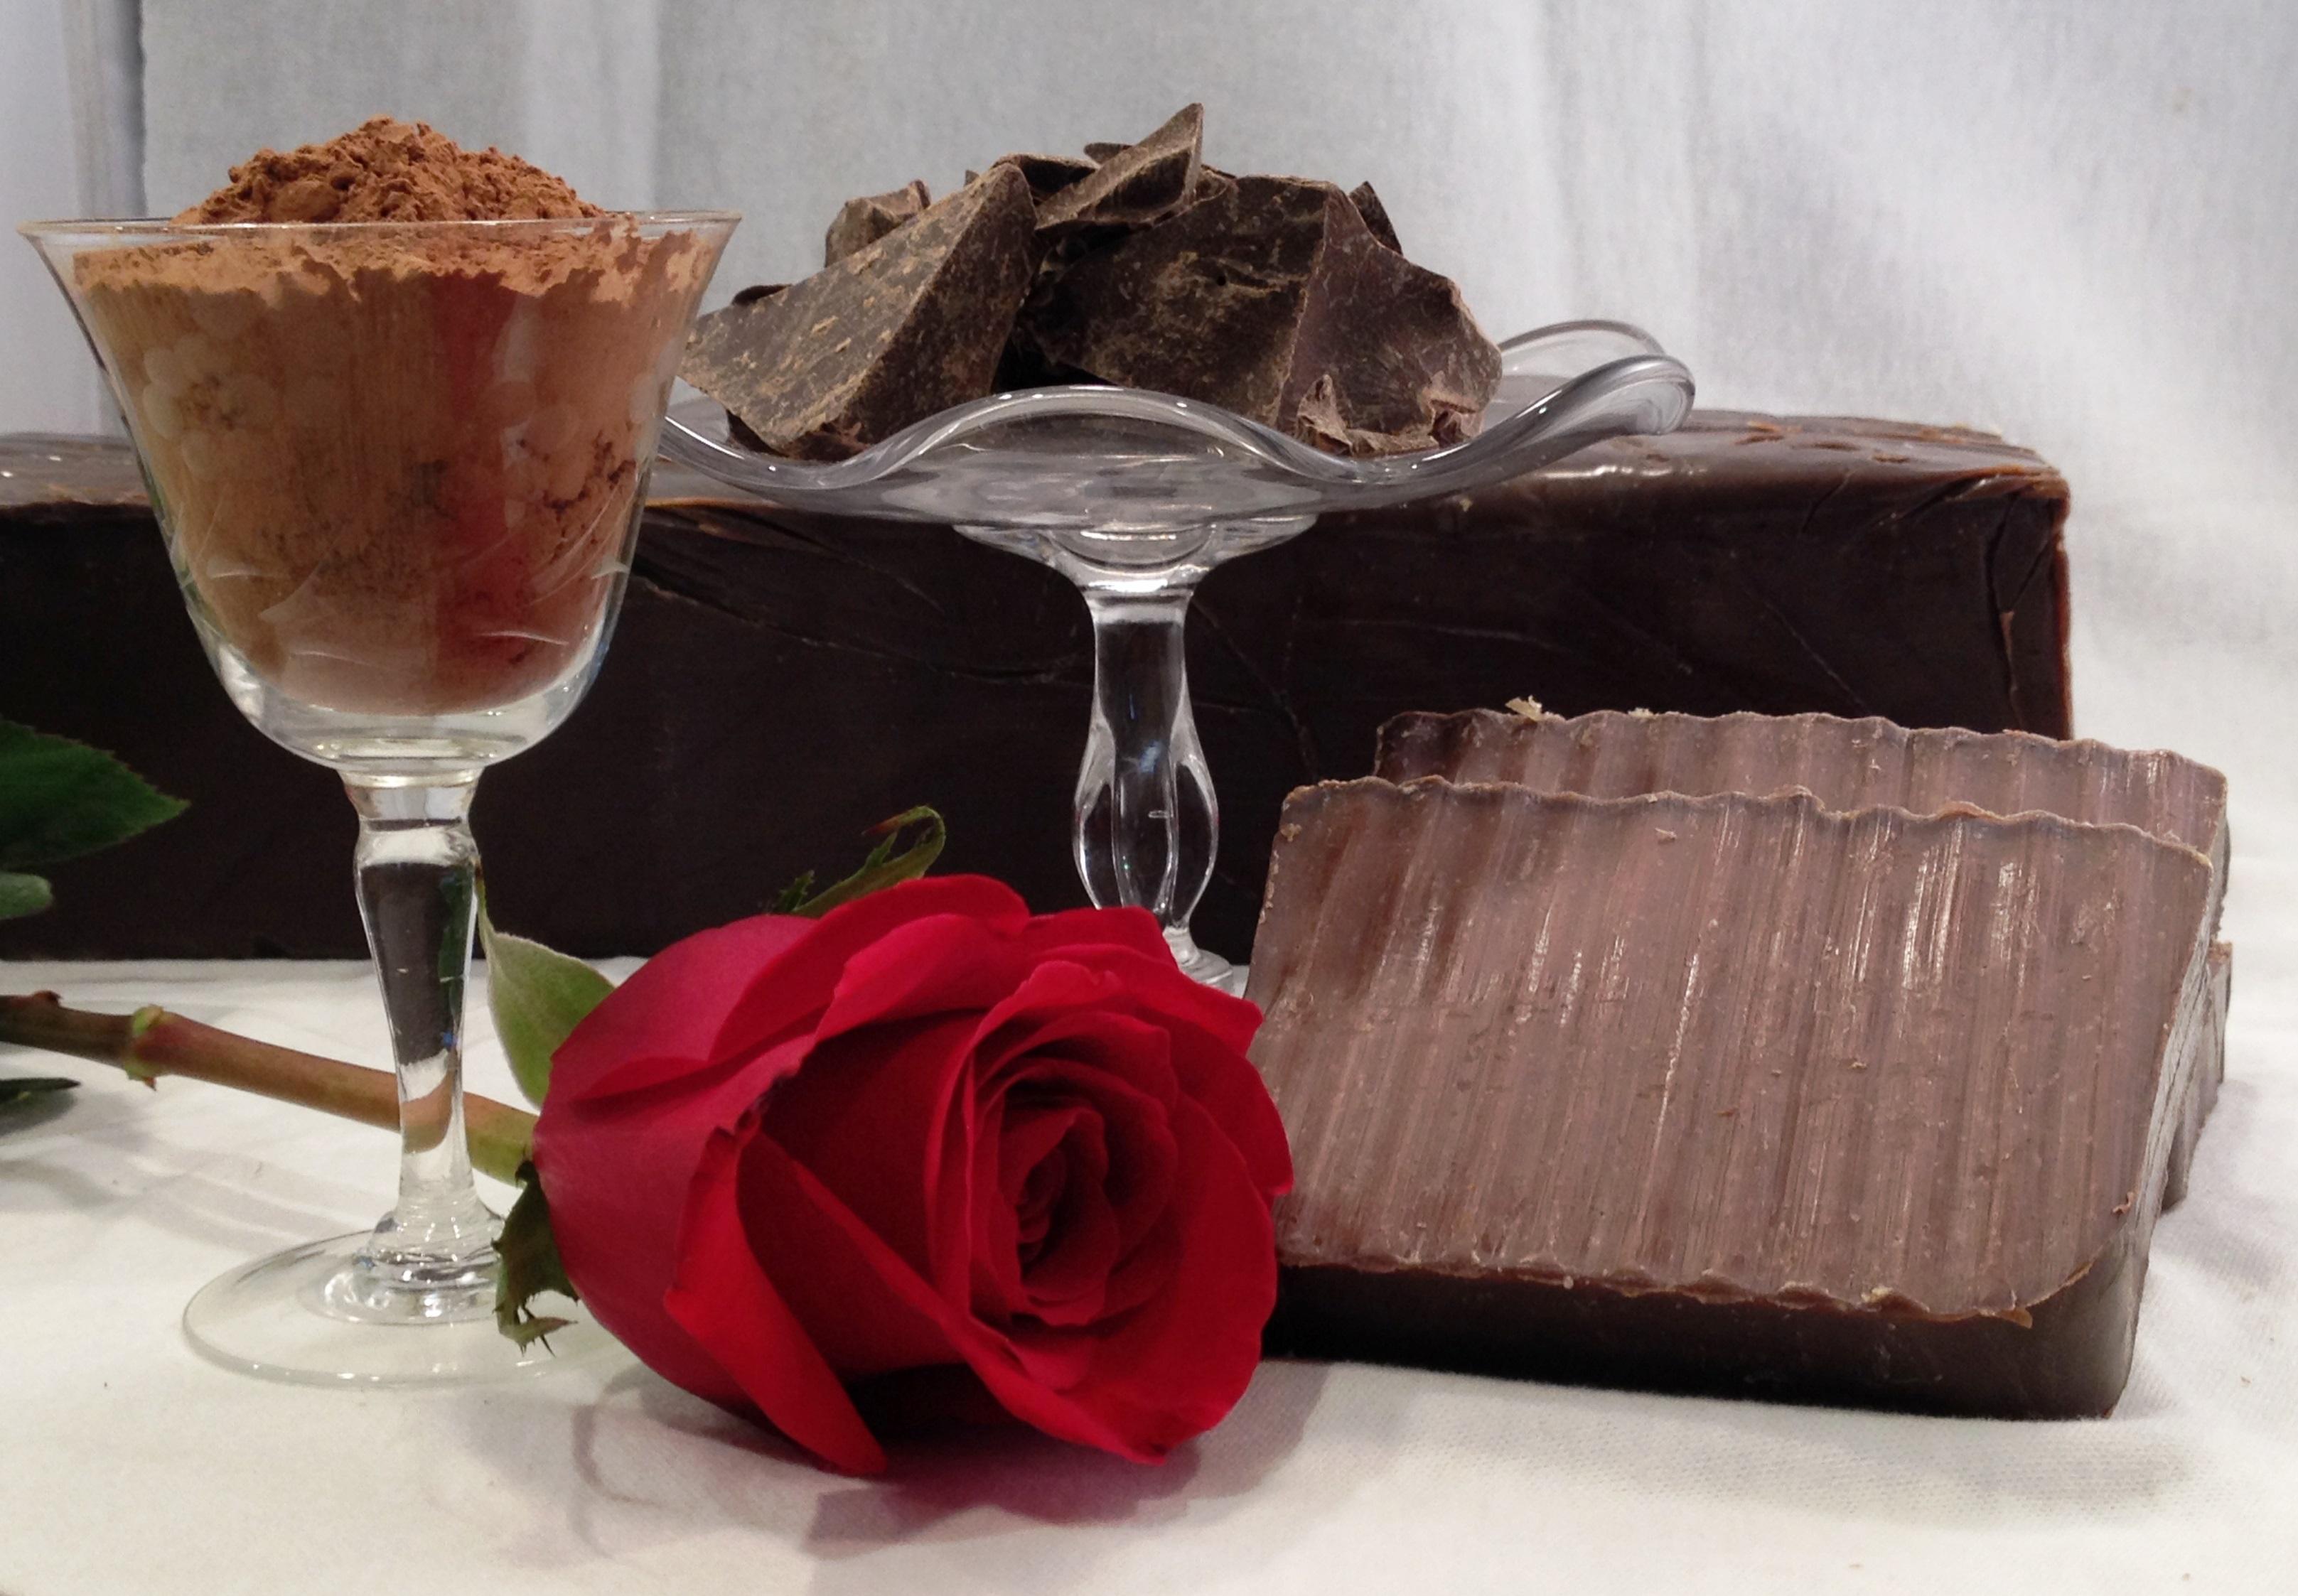 Romance of chocolate